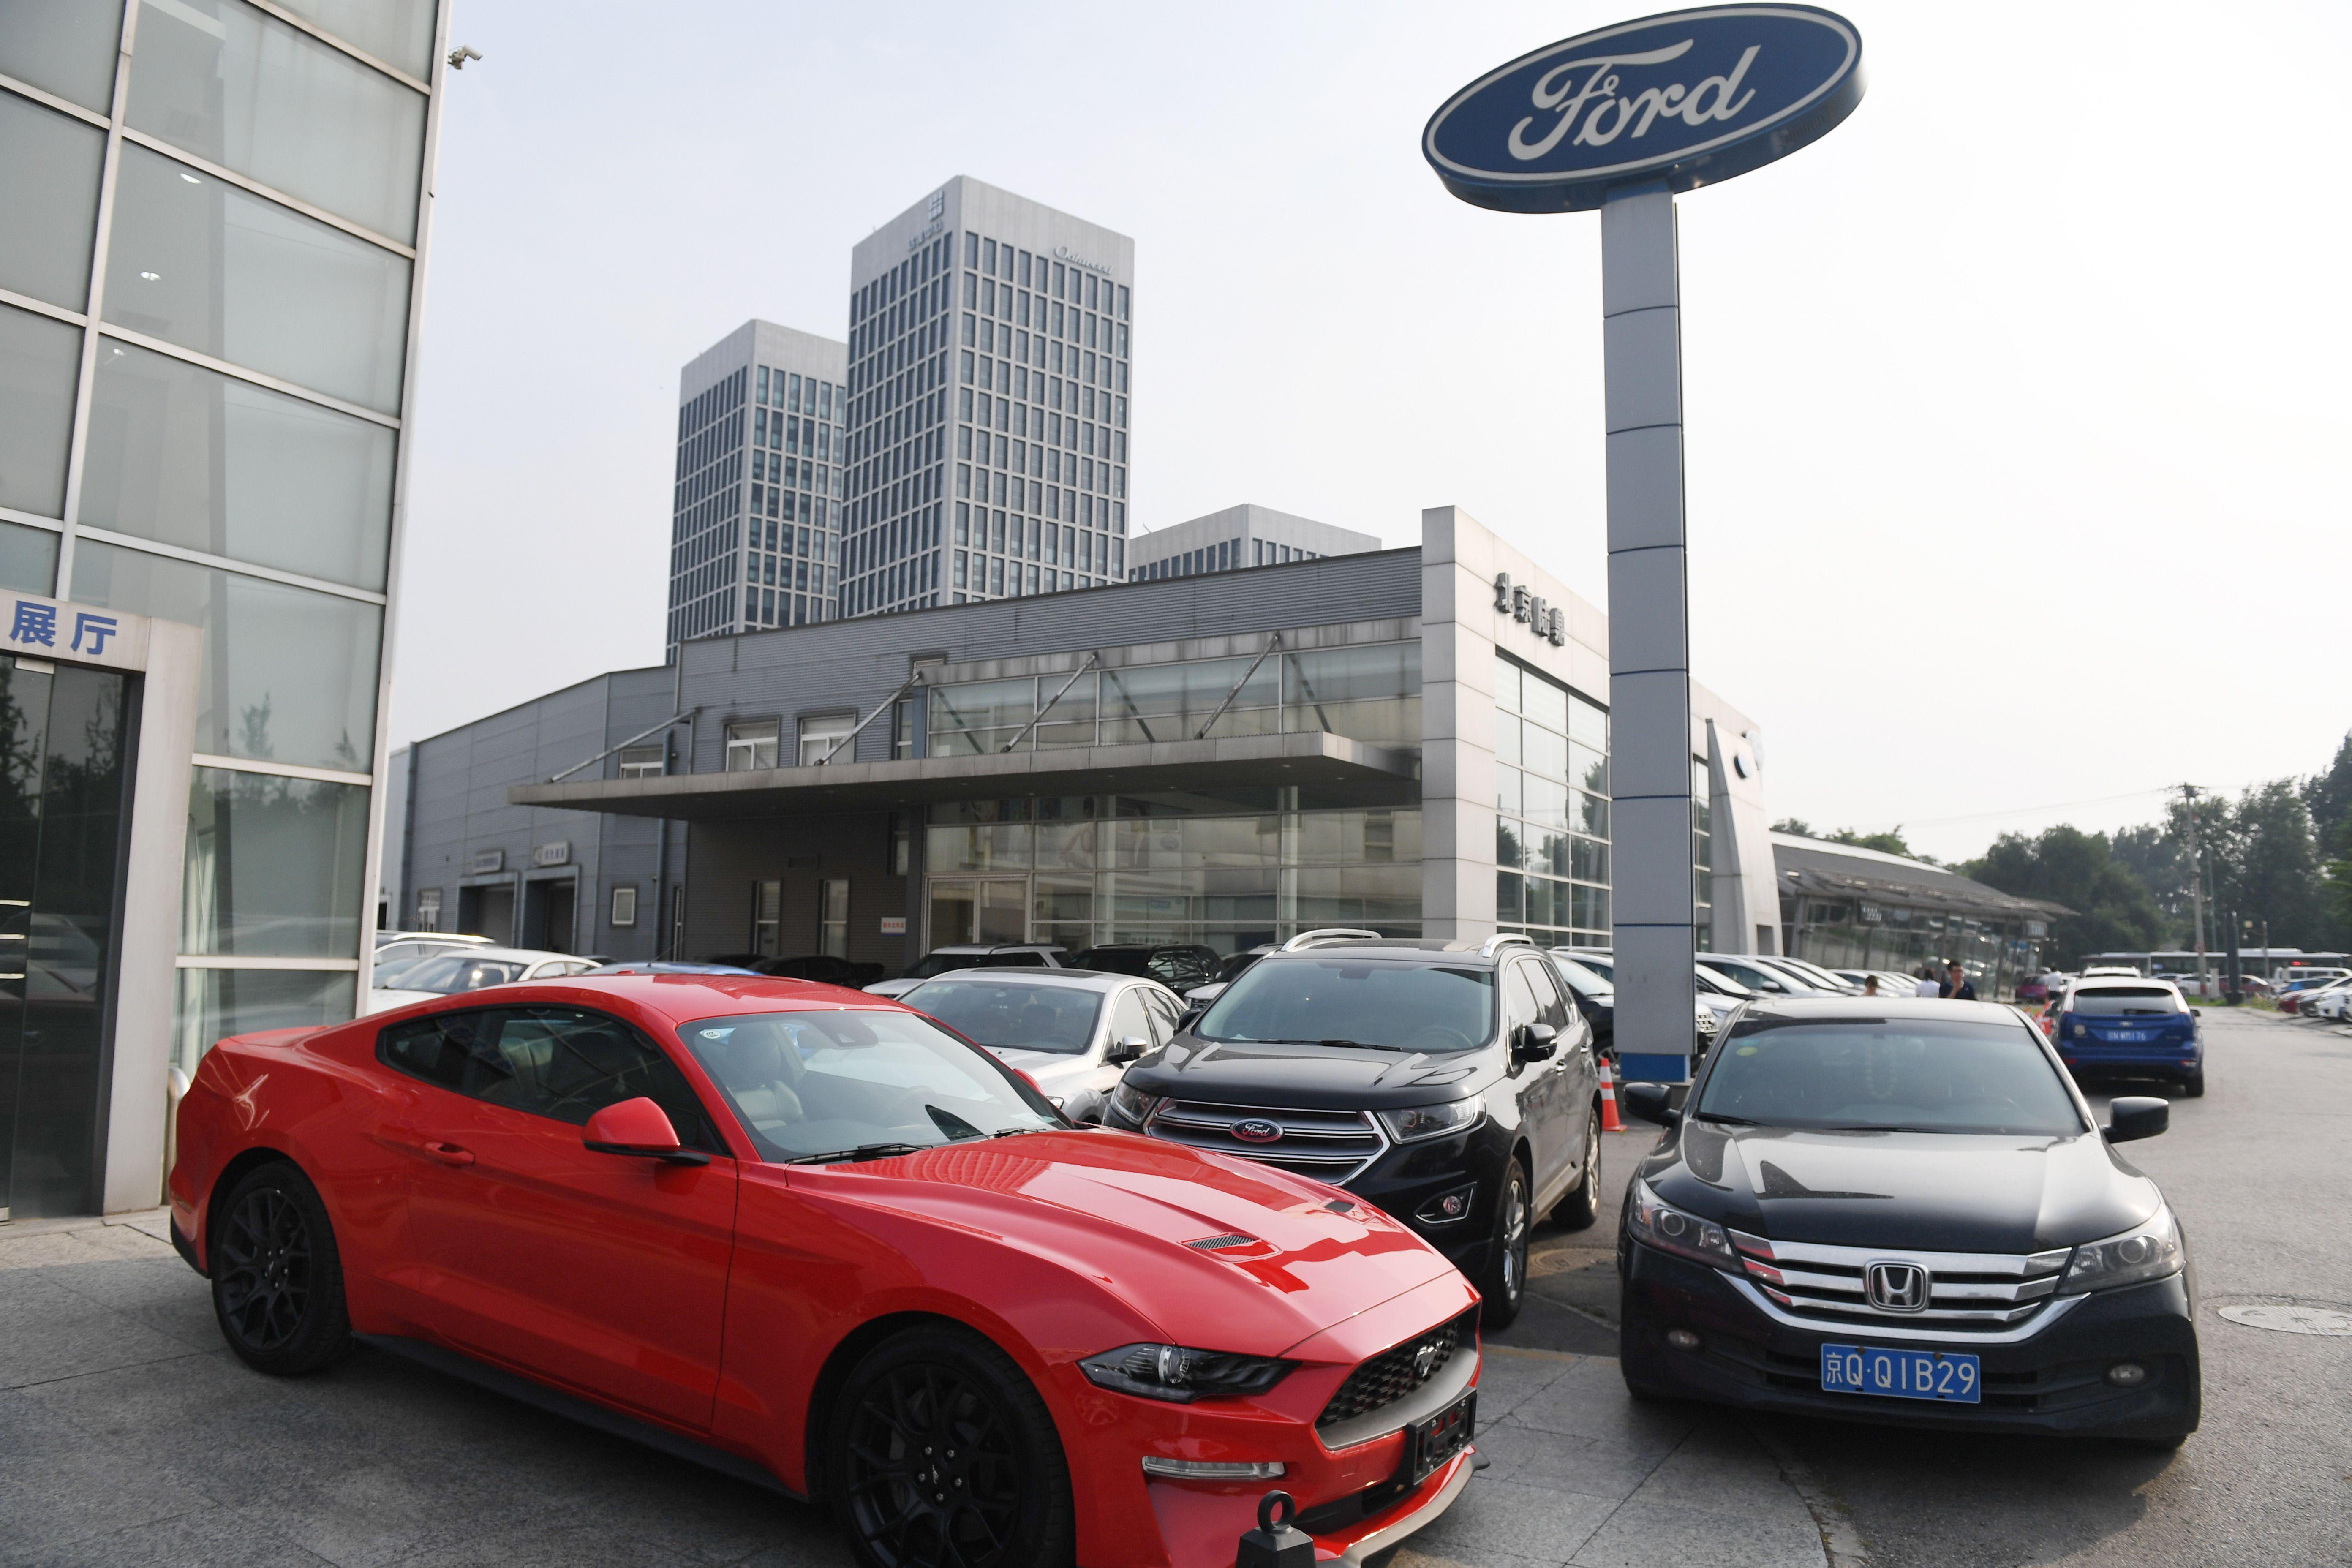 中國汽車市場進入寒冬 外商失策陷痛苦抉擇